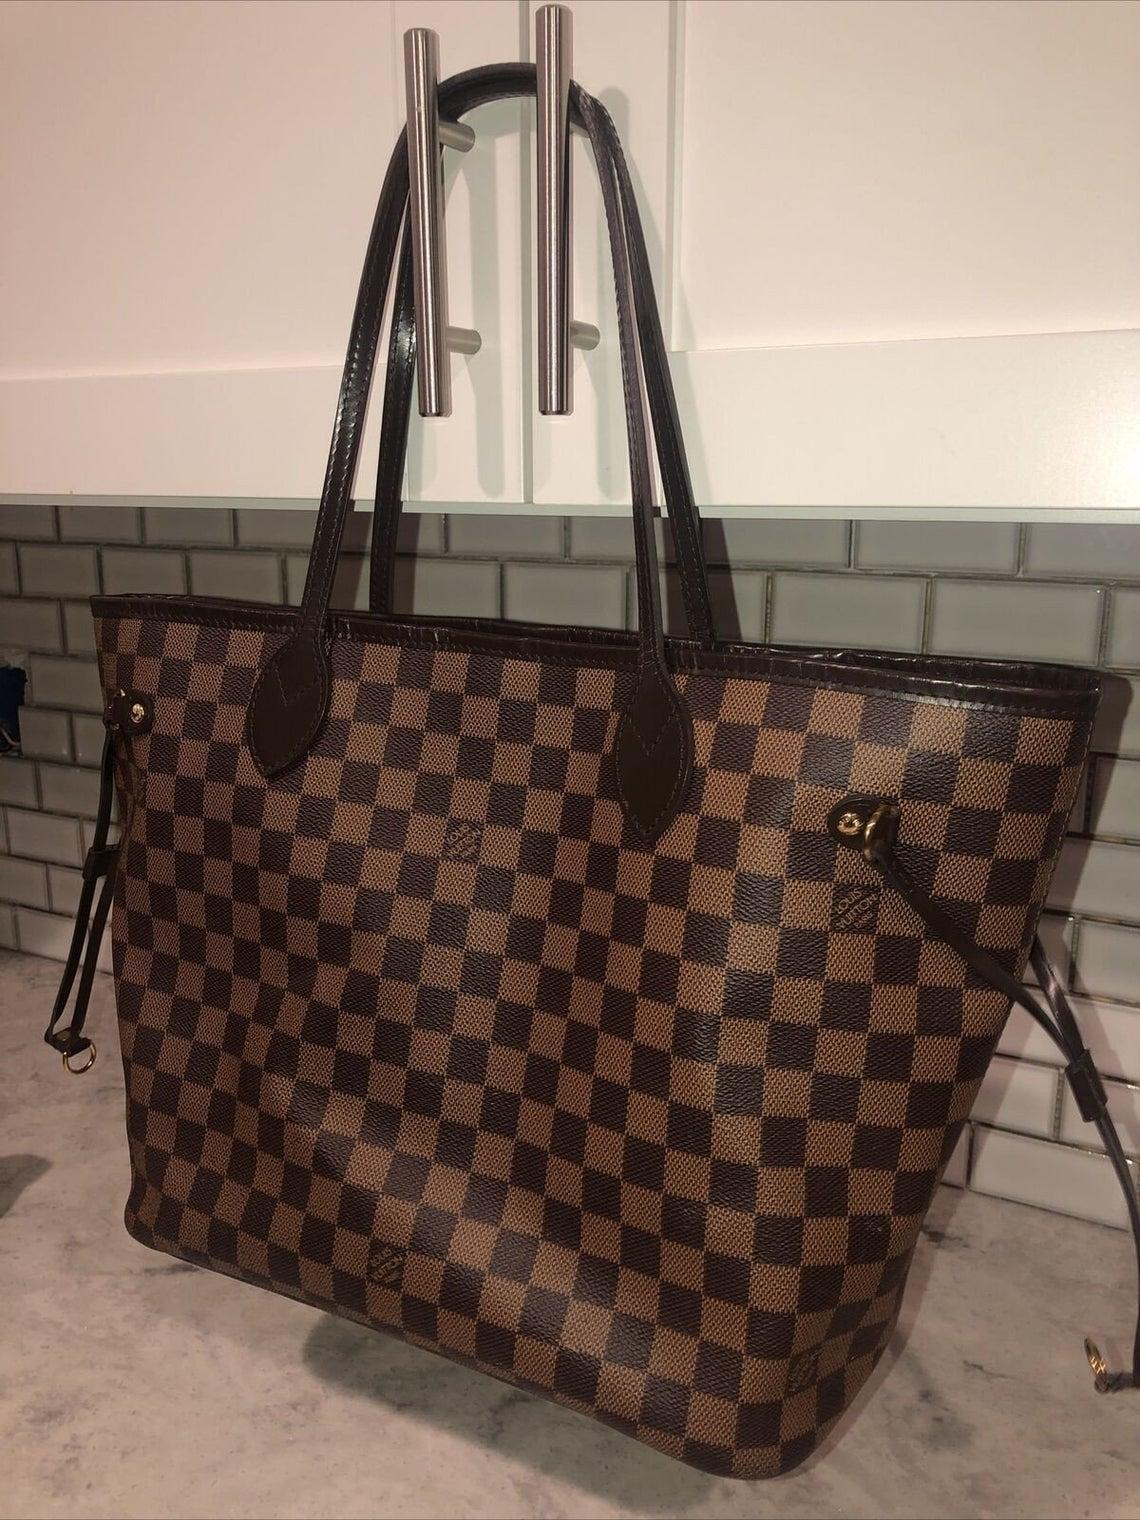 LOUIS VUITTON AUTHENTIC Neverfull Handbag Brown ( Read The Description)